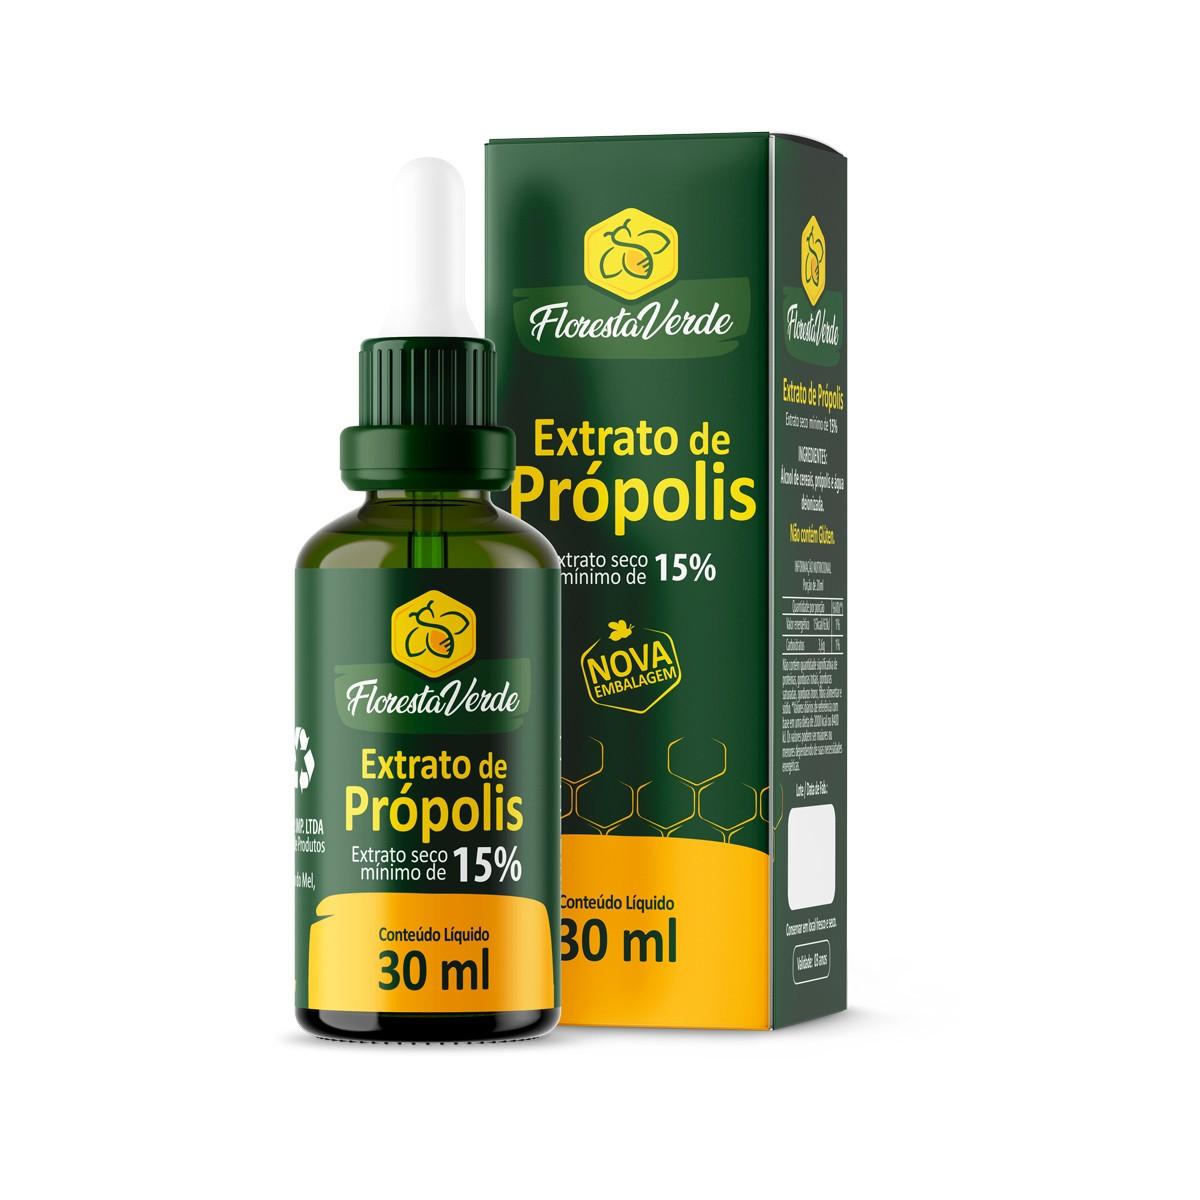 Extrato de Própolis Verde 15% 30ml - Floresta Verde ****